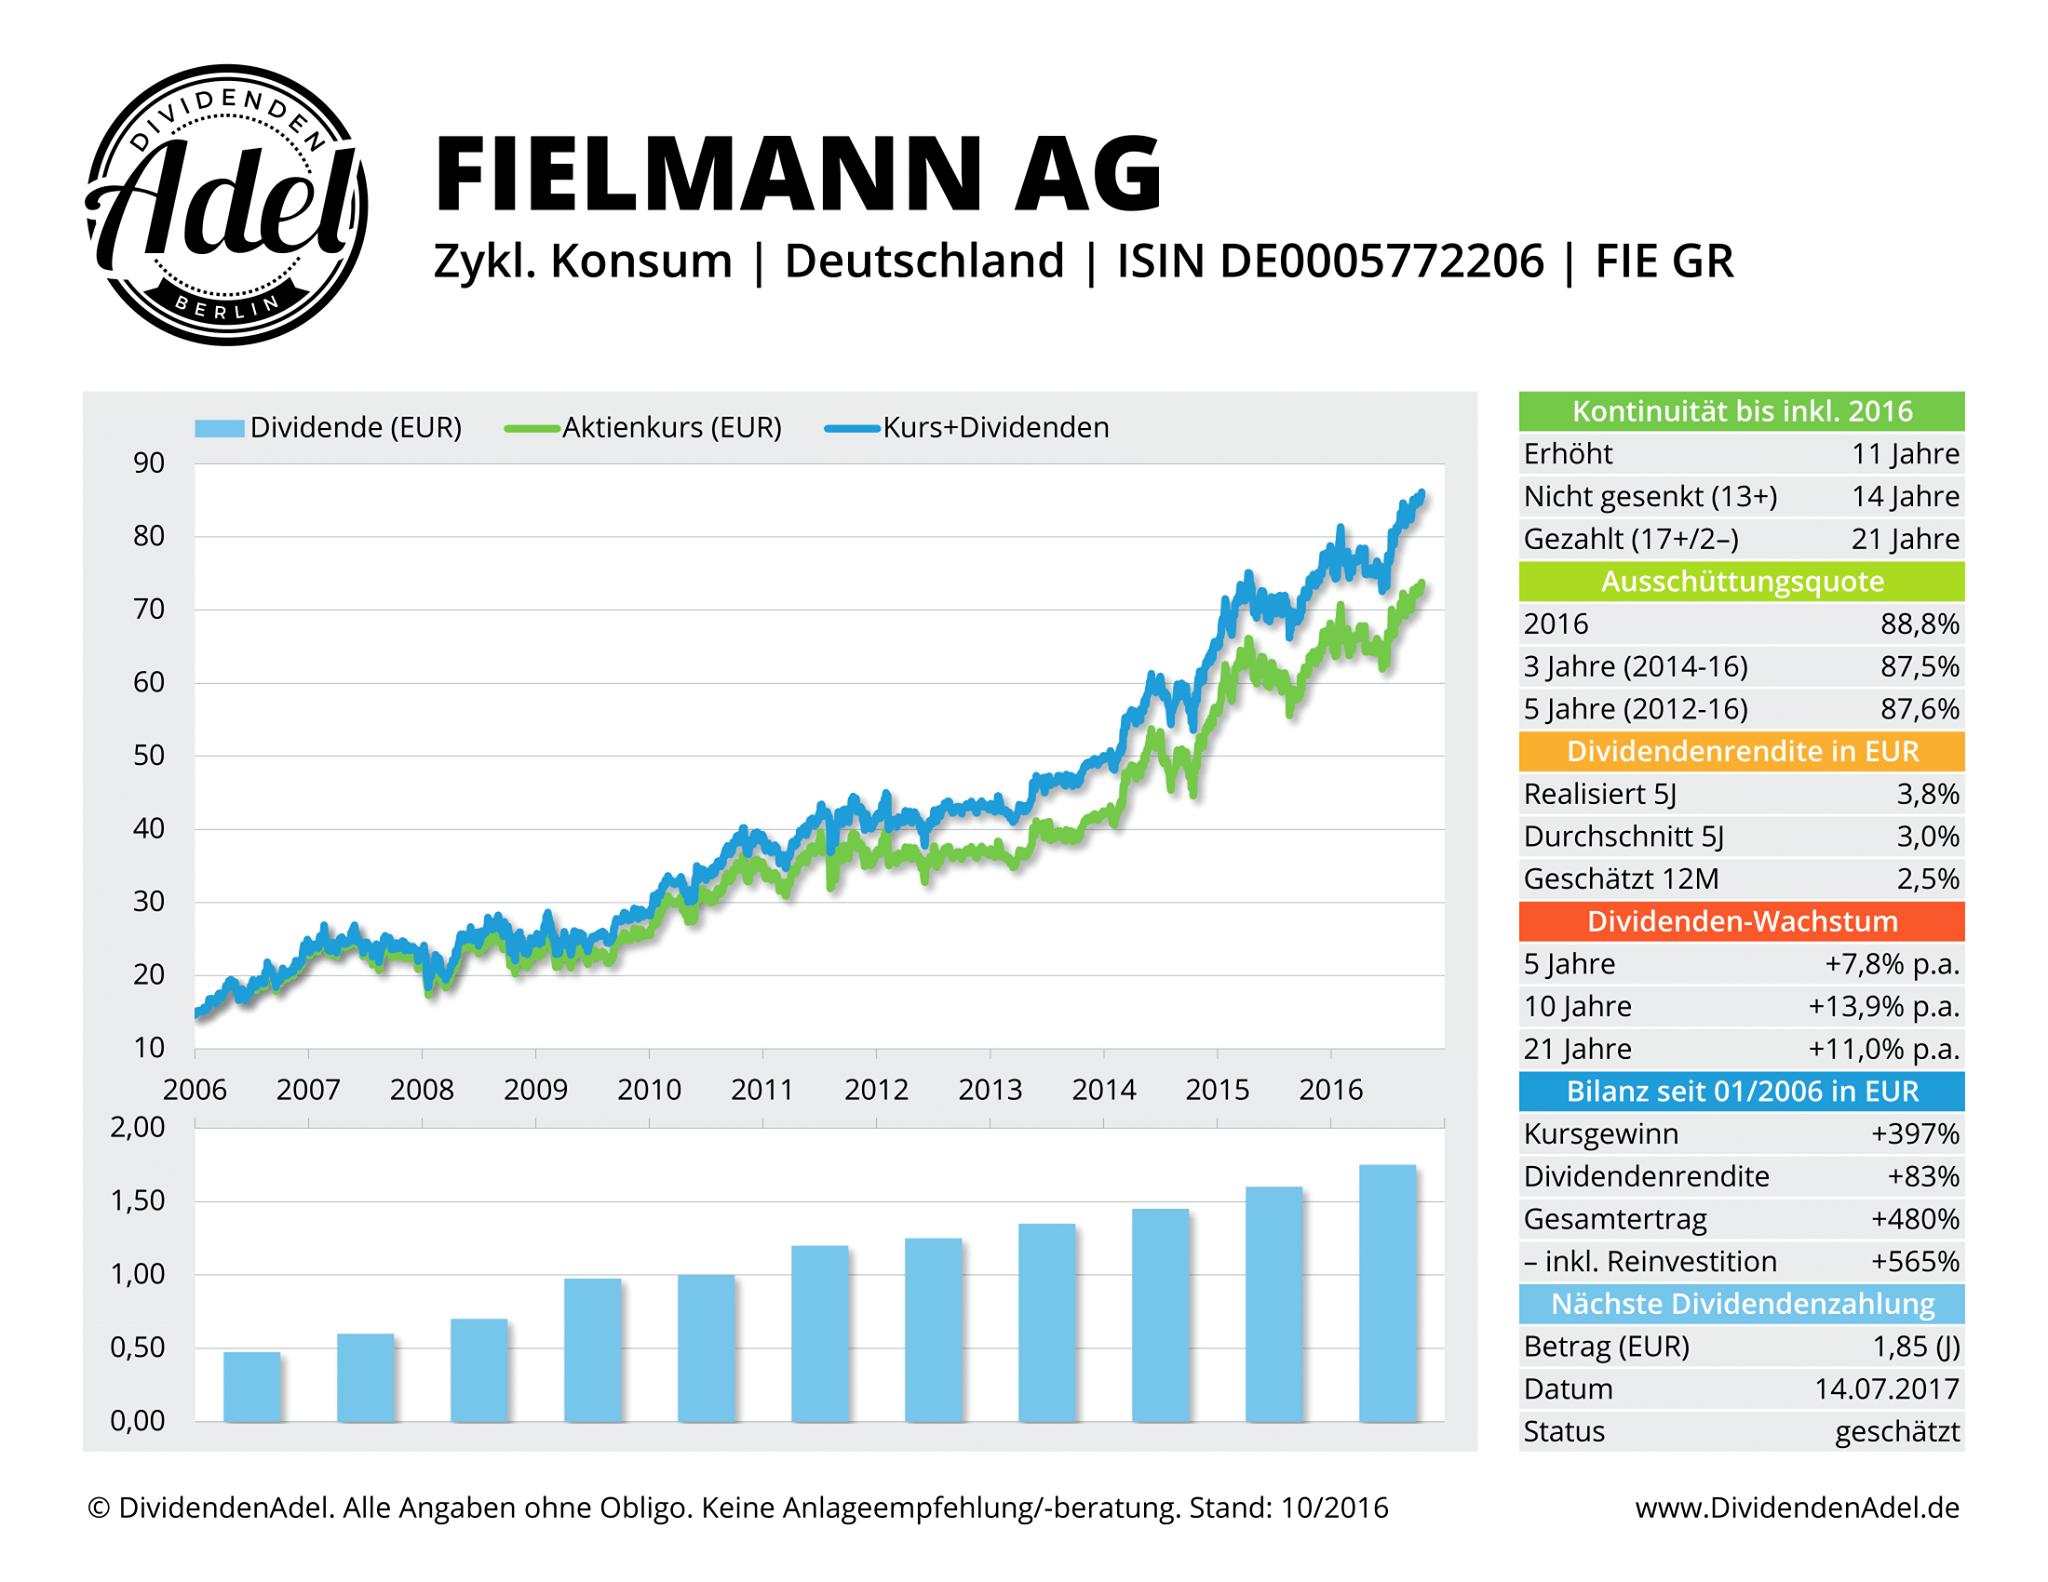 DividendenAdel Fielmann AG